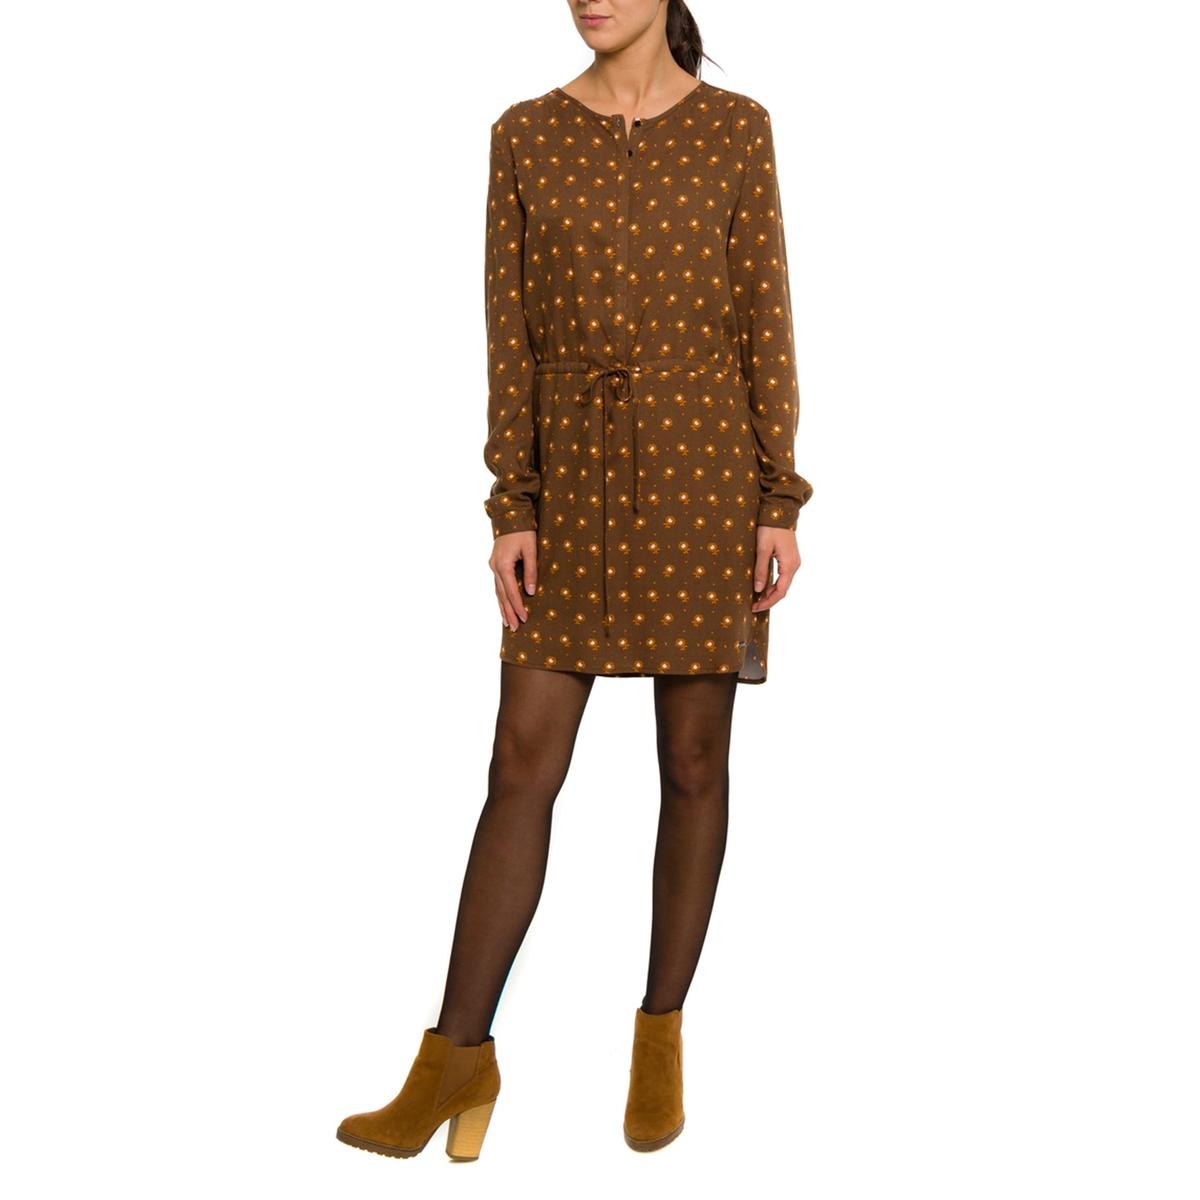 Платье с рисункомСостав и описание:Материал: 70% вискозы, 30% полиэстера.Марка: PARAMITA.<br><br>Цвет: рисунок каштан<br>Размер: XL